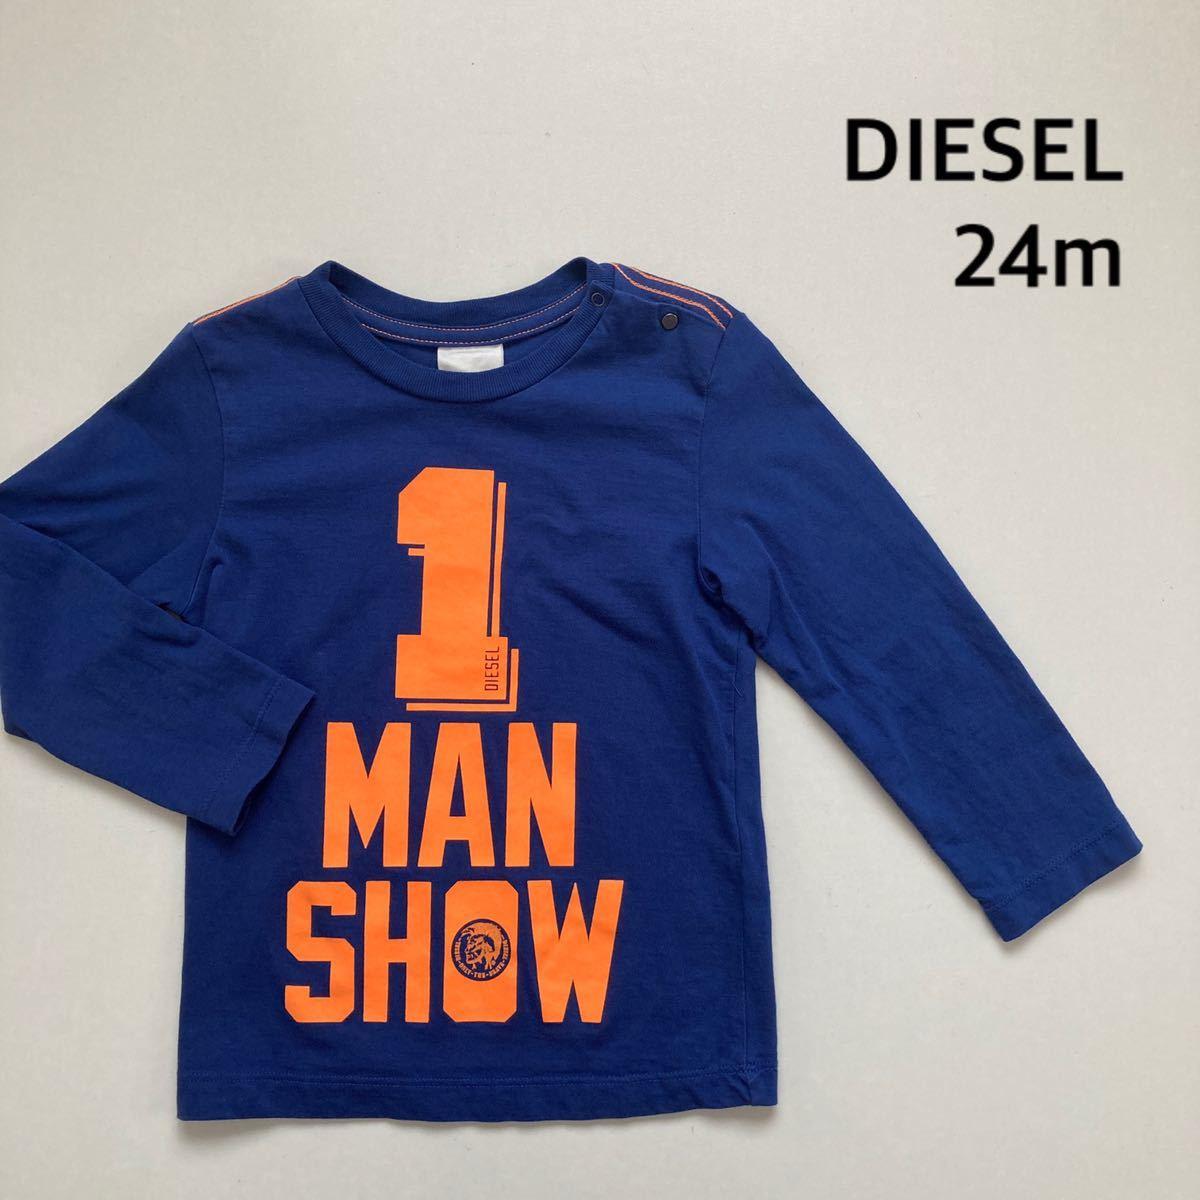 美品★送料無料★ DIESEL ディーゼル 24m (90~) ロンT 長袖Tシャツ